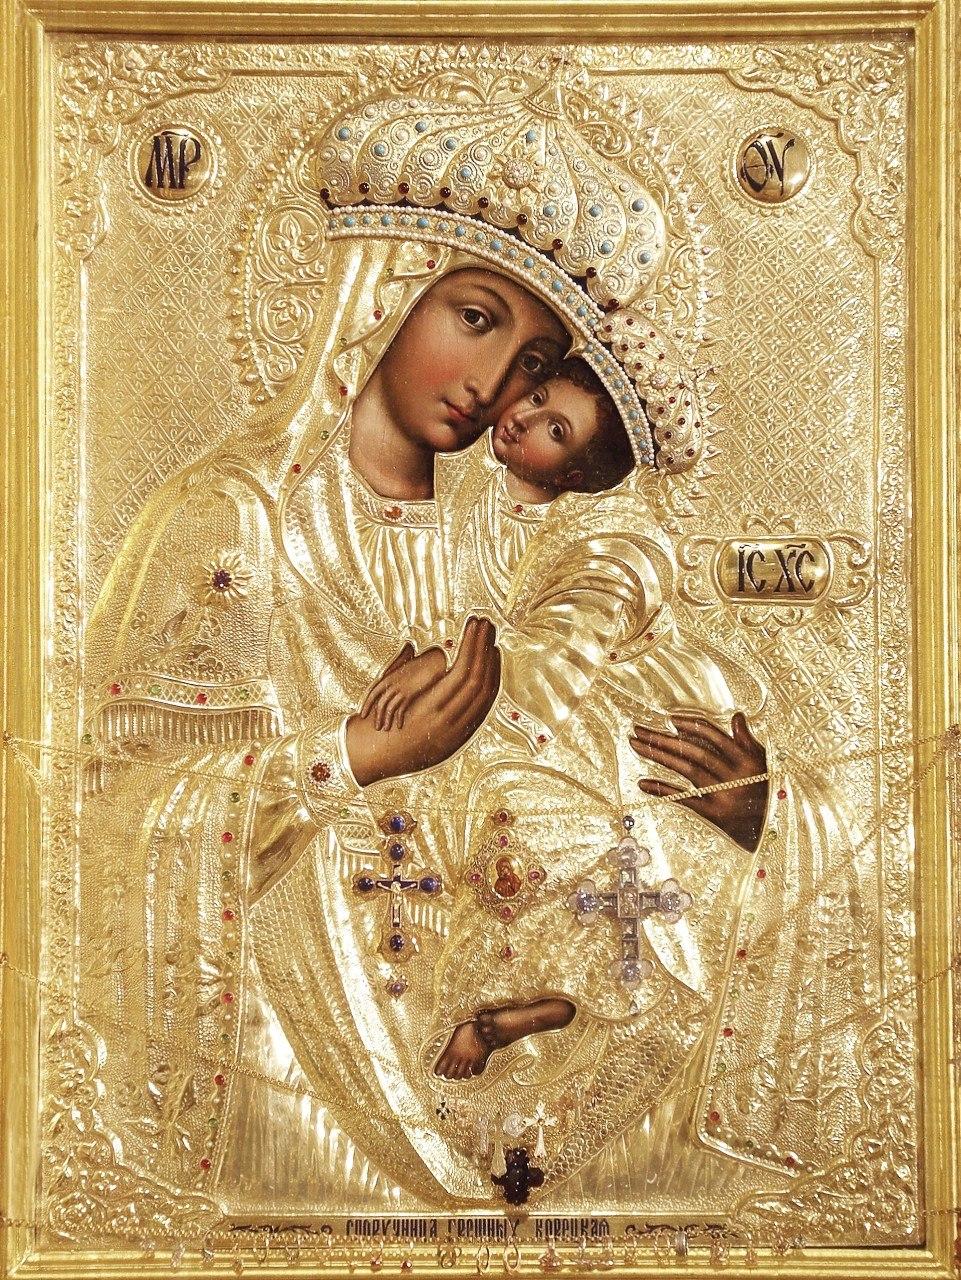 Акафист Пресвятой Богородице пред Ее иконой